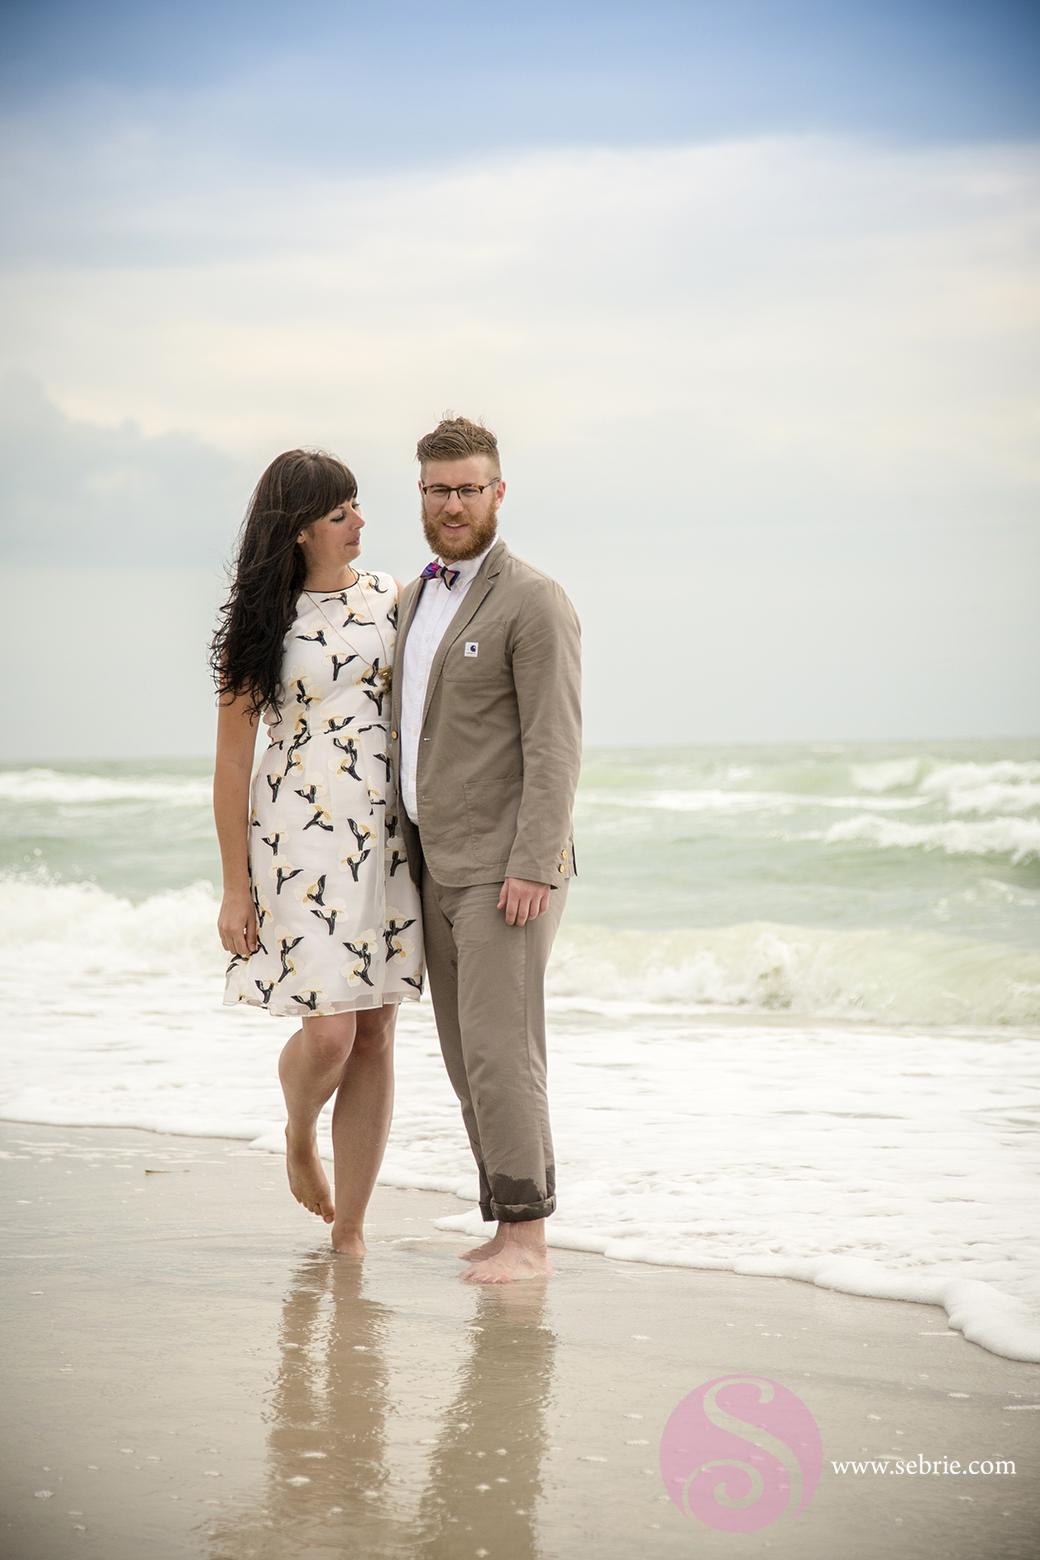 Vanderbilt-beach-couple-portrait-photography